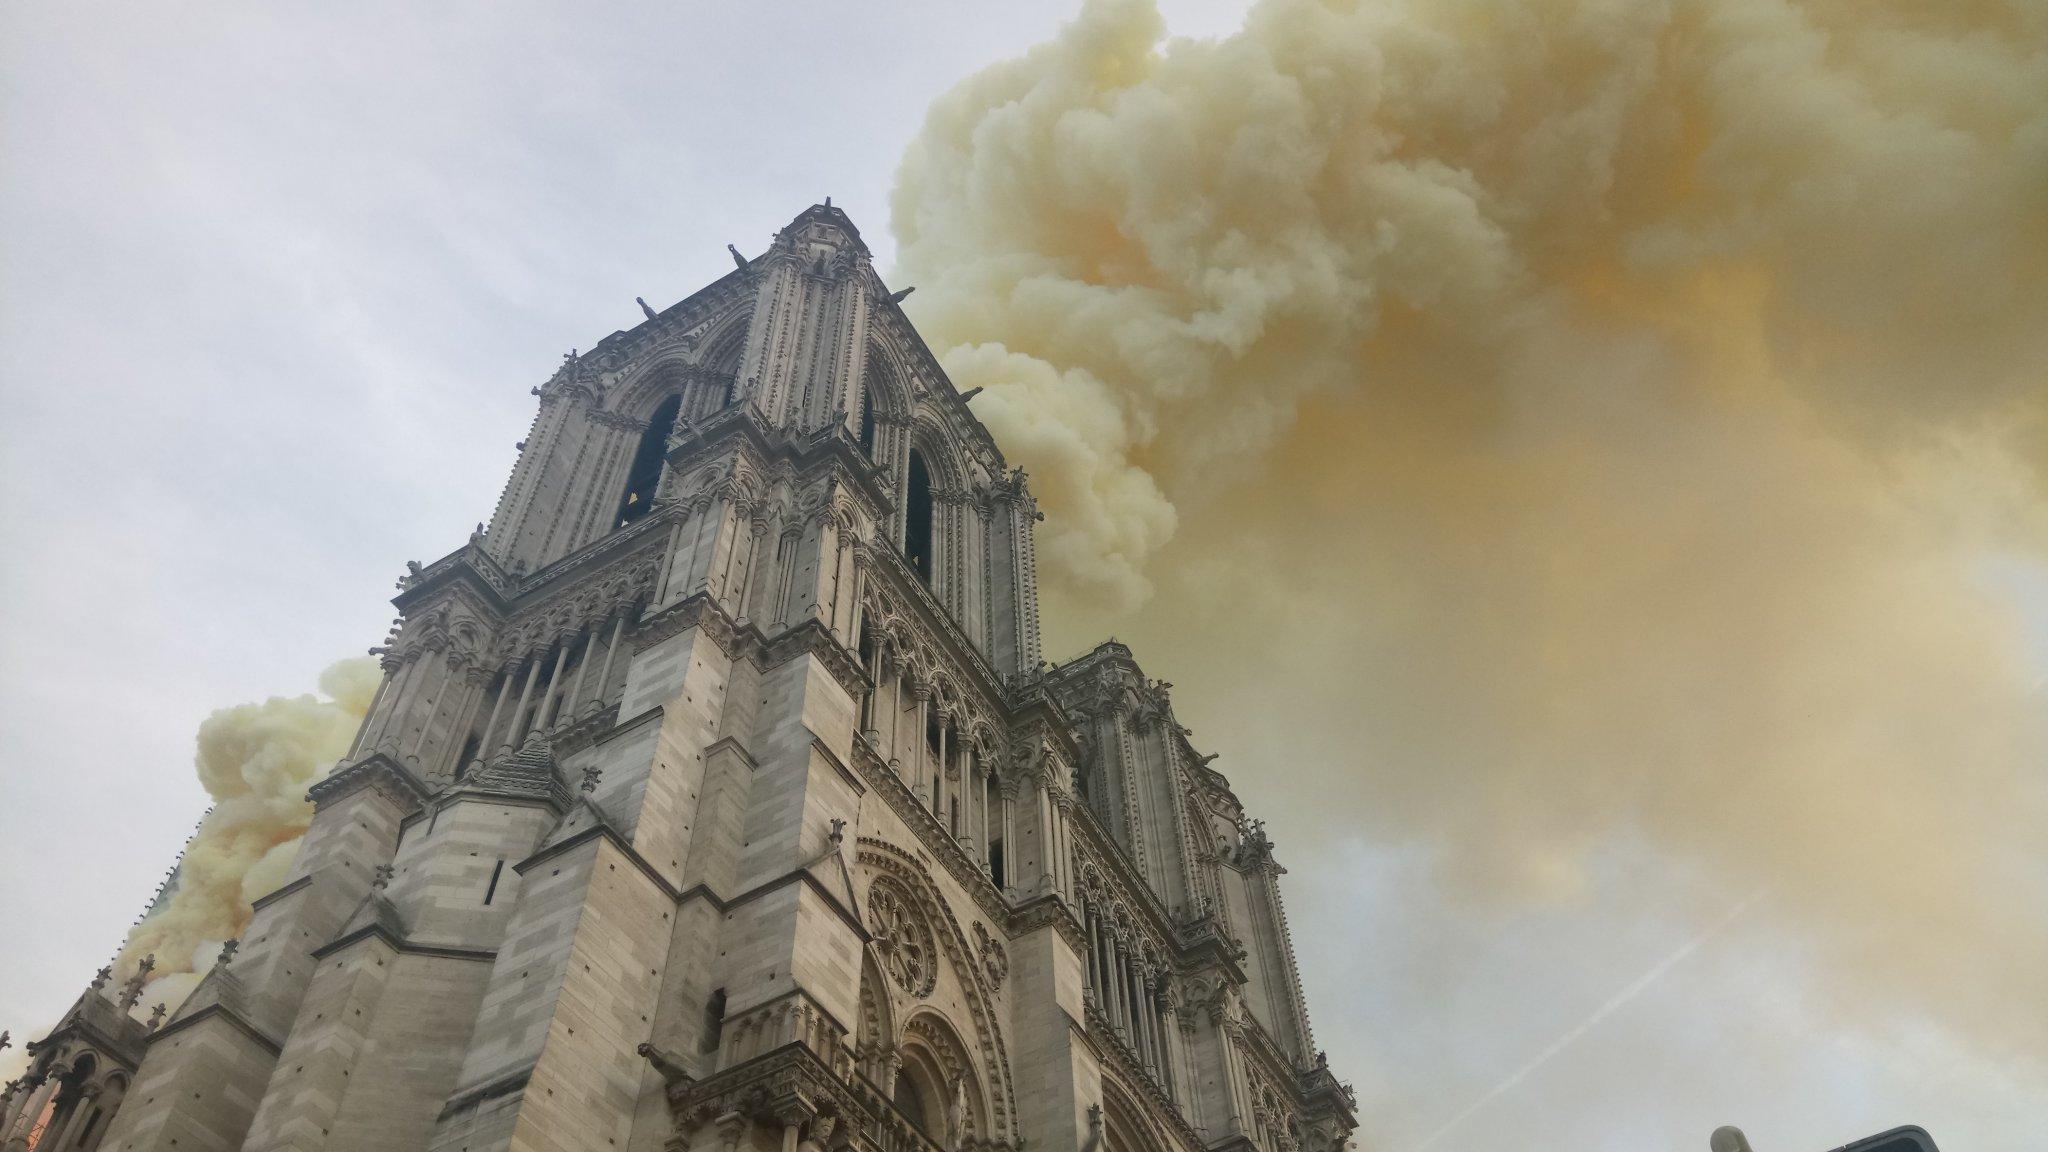 La célèbre Cathédrale Notre-Dame de Paris incendiée